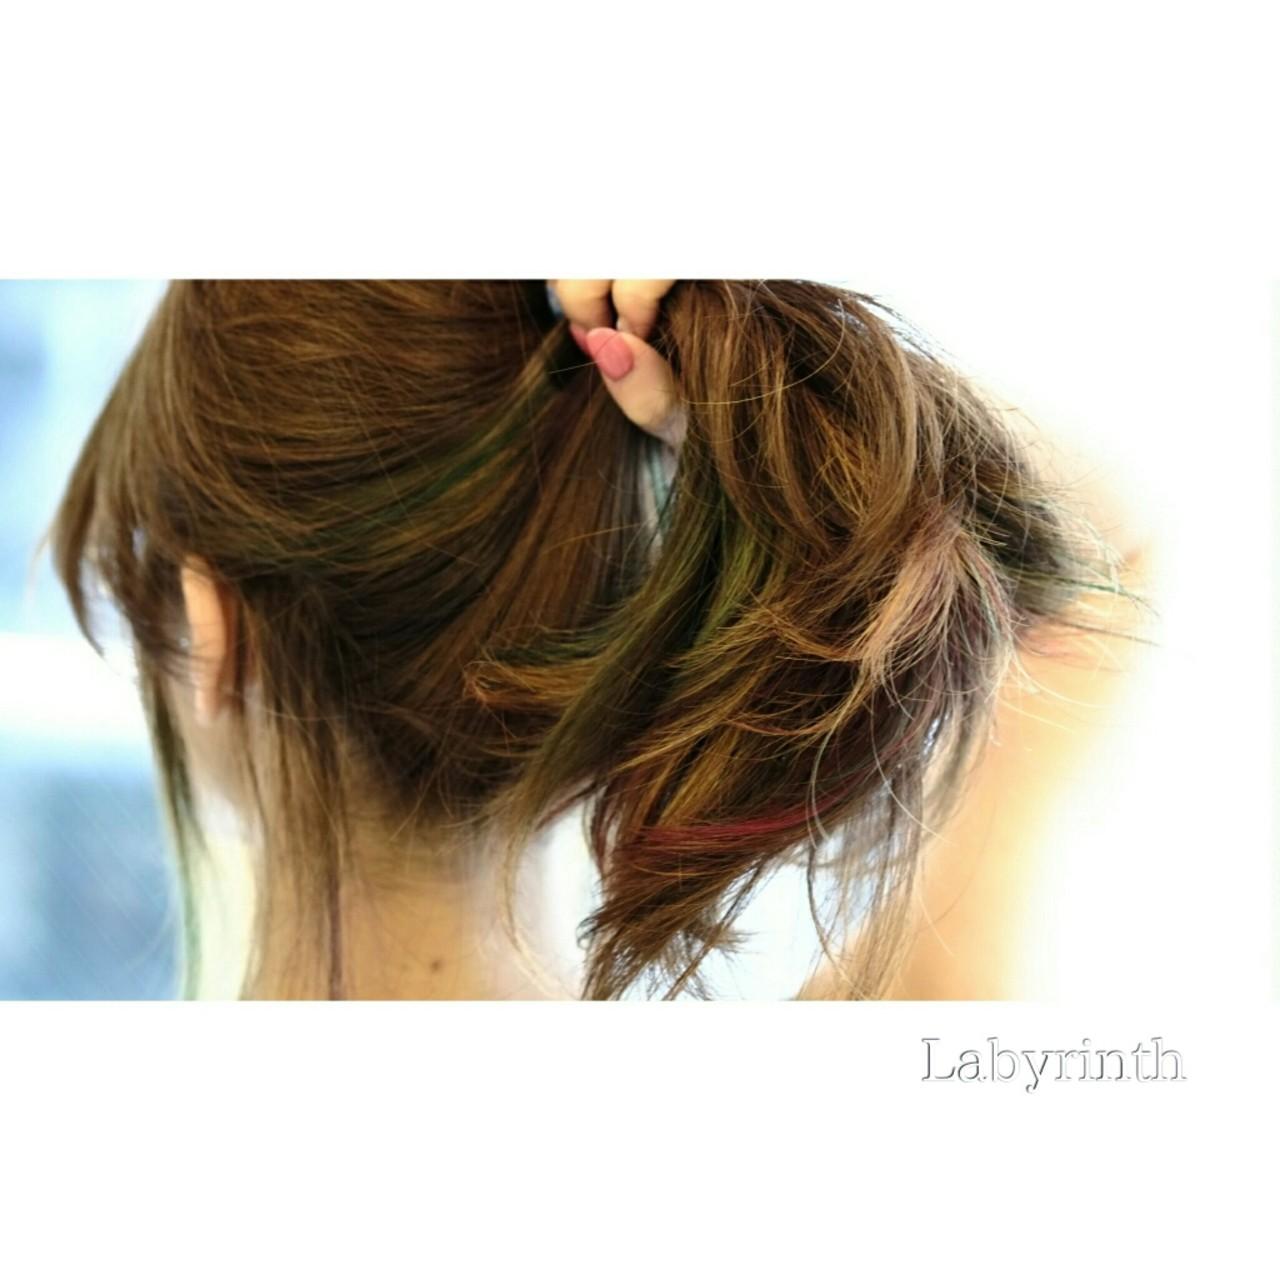 暗髪 グラデーションカラー ロング ストリート ヘアスタイルや髪型の写真・画像 | 西尾 隆介 / Labyrinth